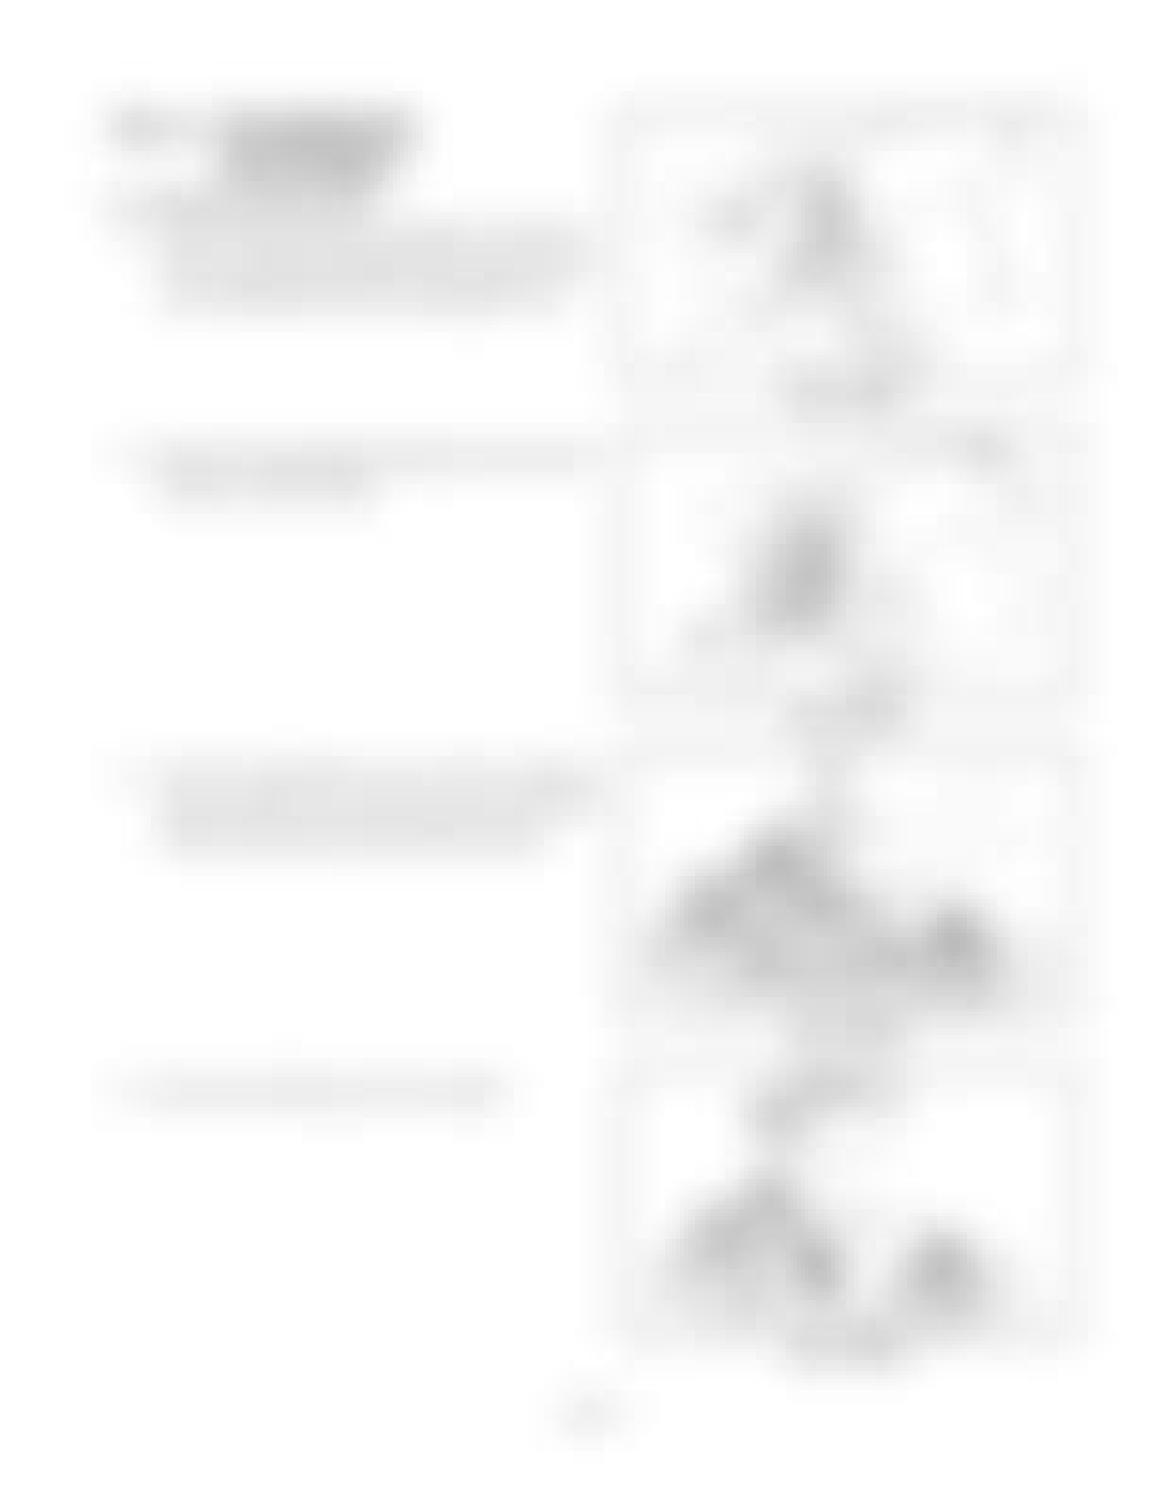 Hitachi LX110-7 LX130-7 LX160-7 LX190-7 LX230-7 Wheel Loader Workshop Manual - PDF DOWNLOAD page 101